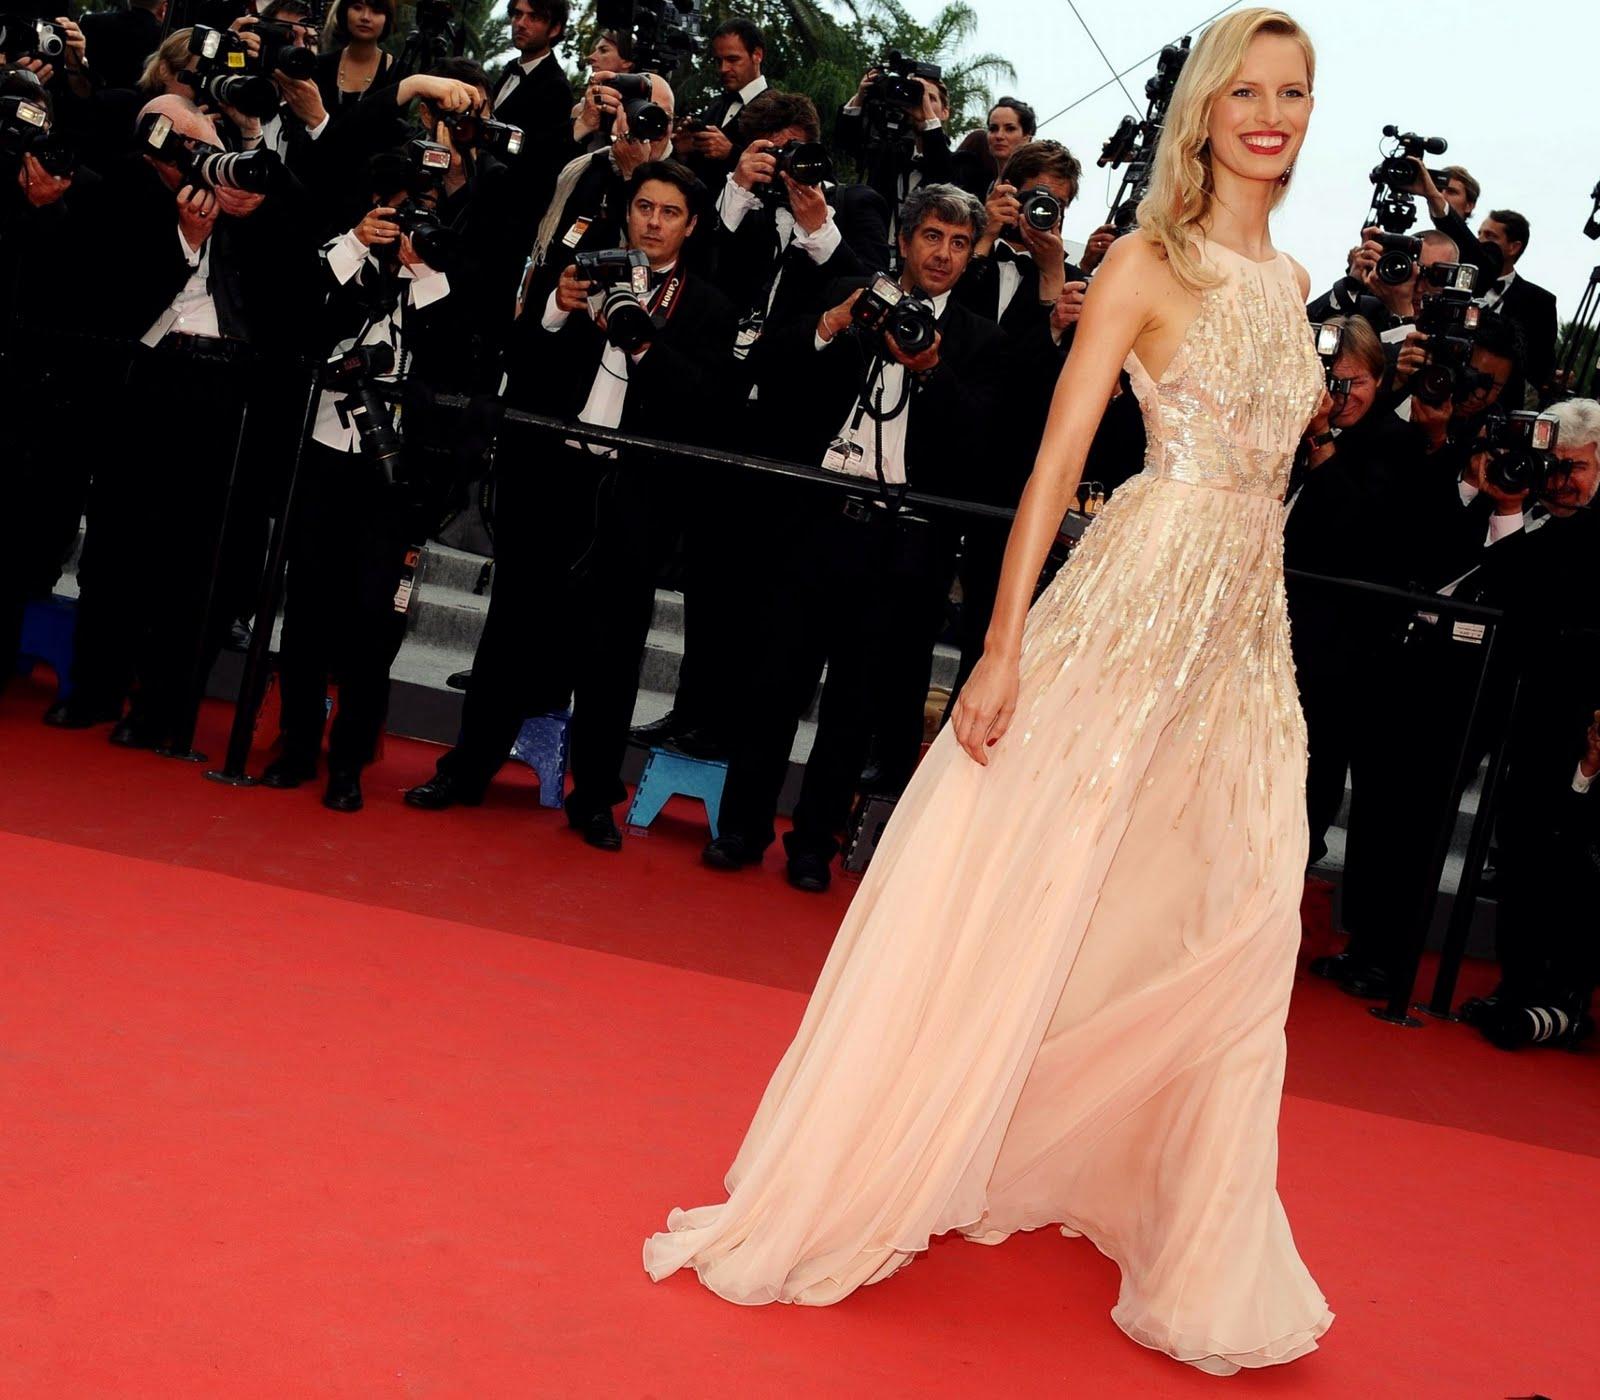 Karolina Kurkova attends the Les Bien-Aimes premiere at